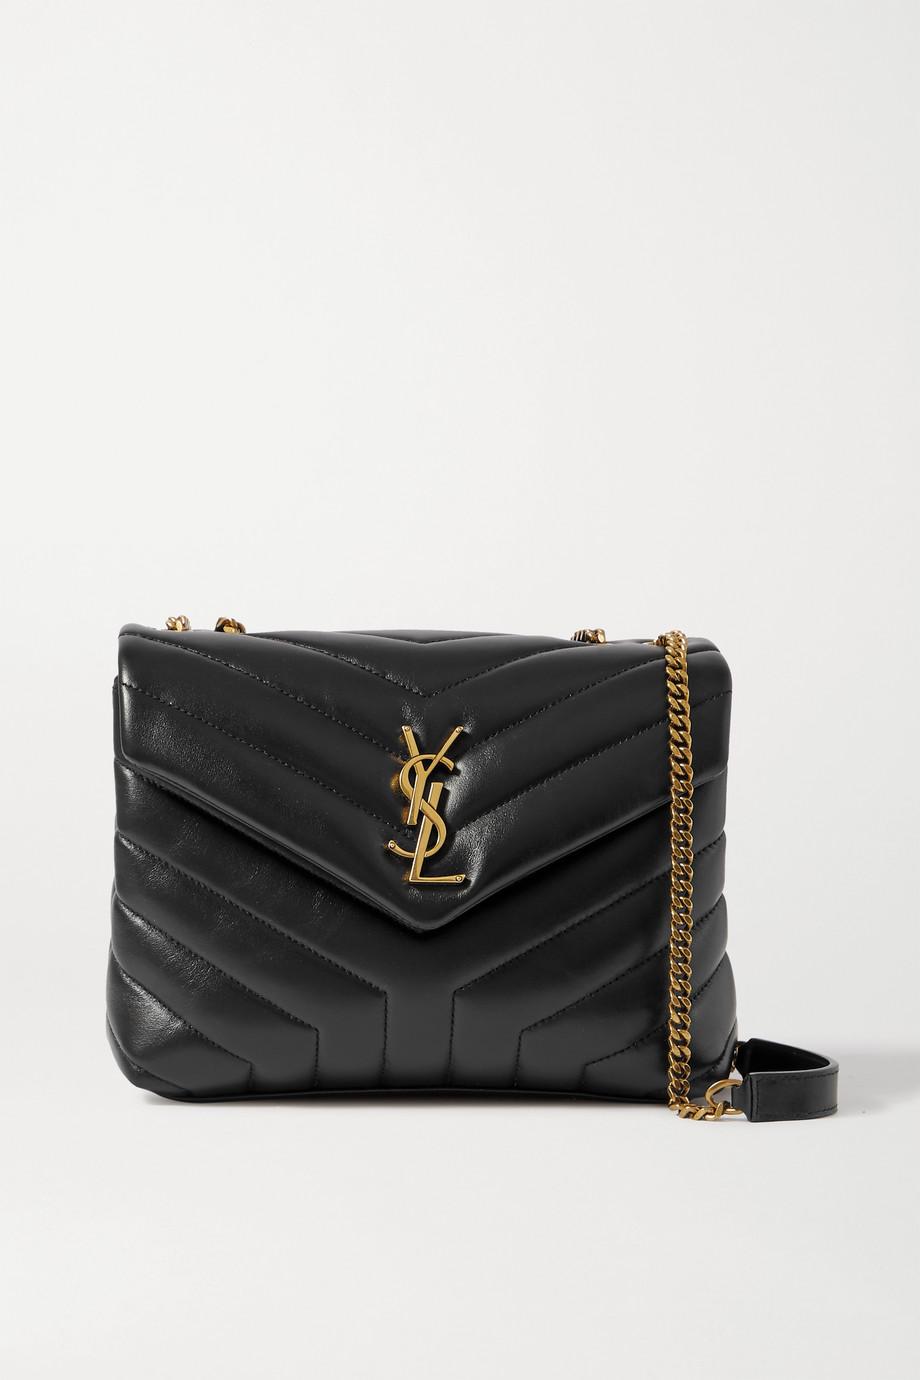 생 로랑 루루백 스몰 - 블랙 Saint Laurent Loulou small quilted leather shoulder bag,Black